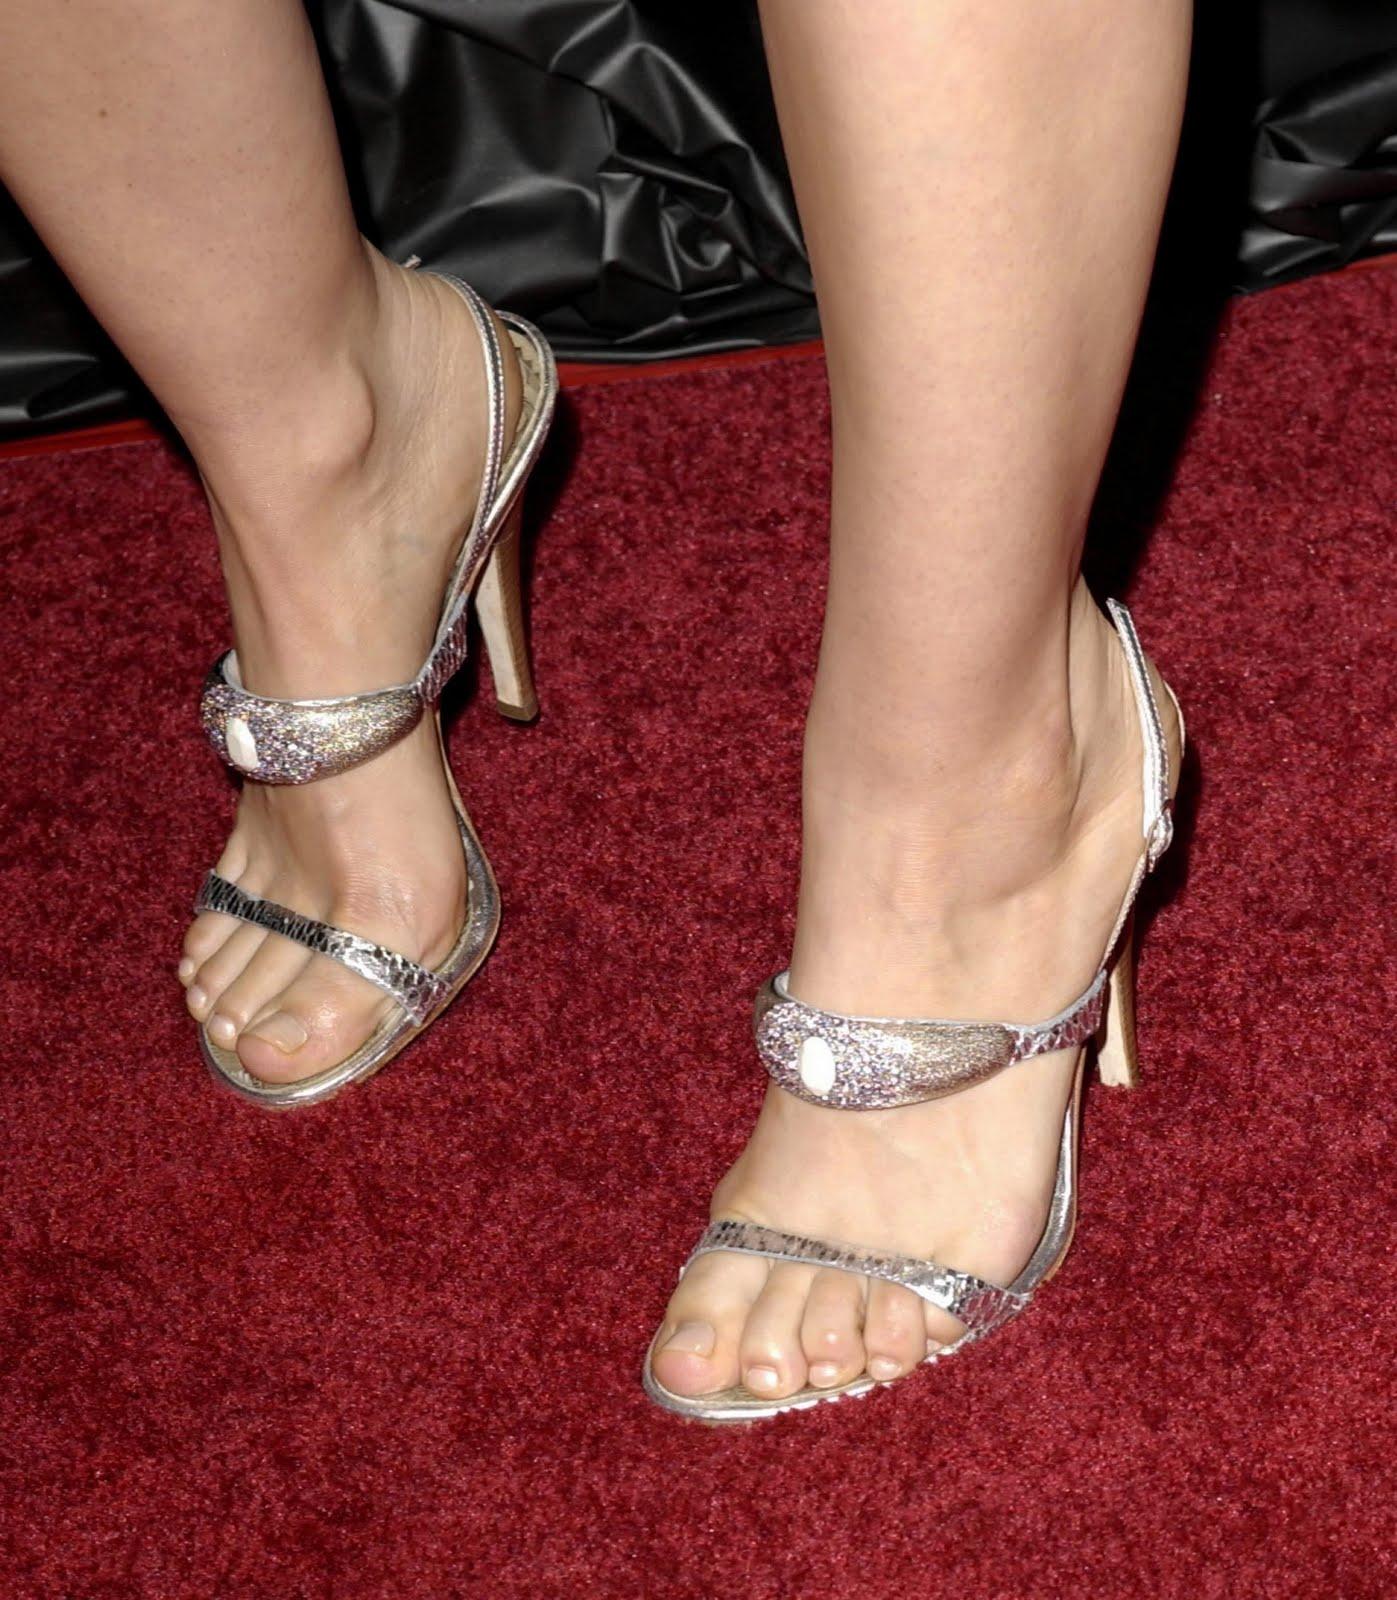 http://3.bp.blogspot.com/_UaLWp72nij4/TAlmXM97qoI/AAAAAAAAN5Y/qOExxYXeG1c/s1600/mena-suvari-feet-3.jpg